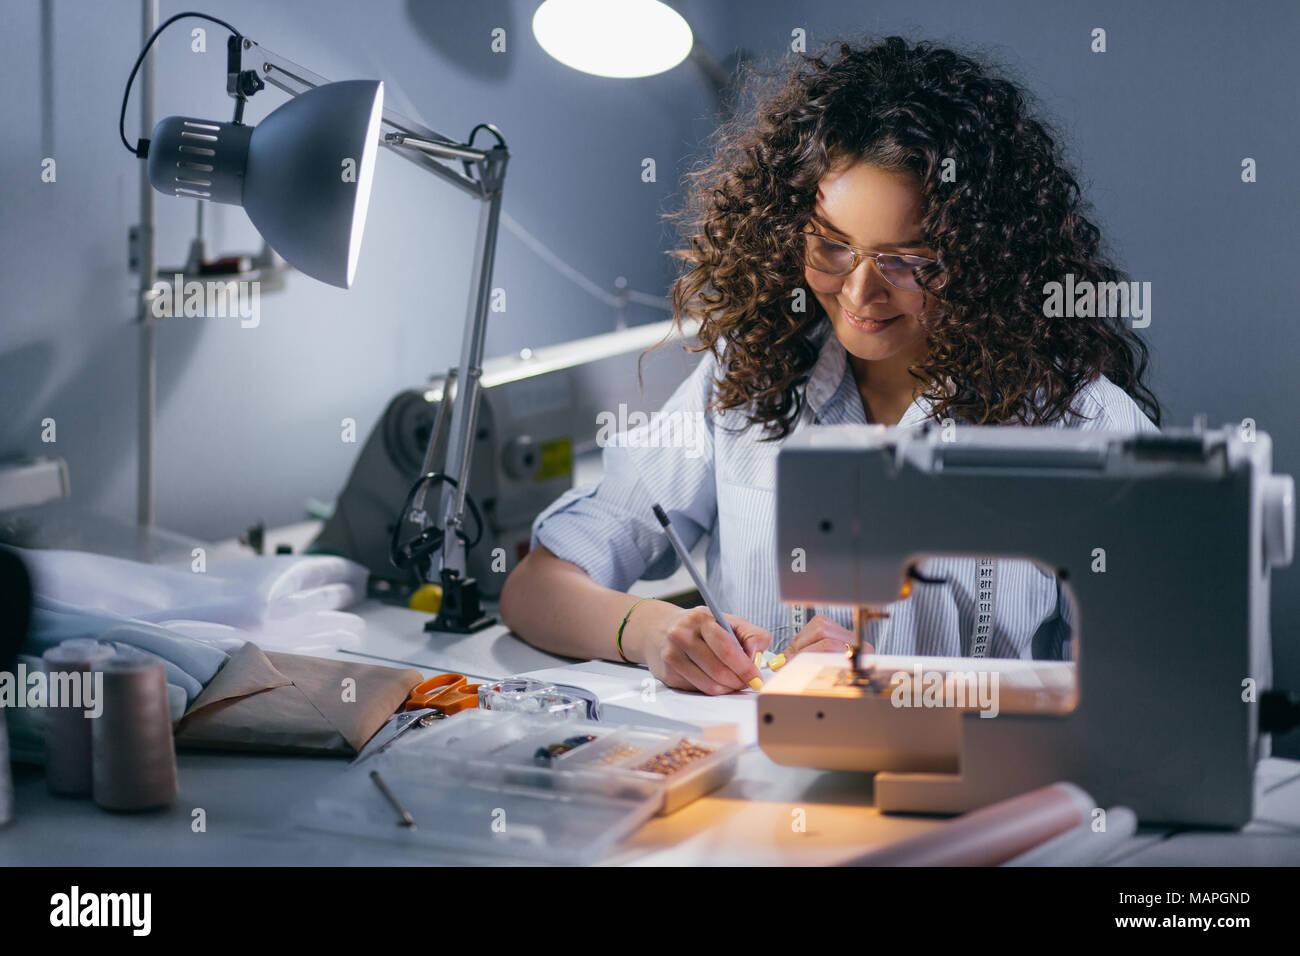 La hembra es elaborar un proyecto delante de la máquina de coser Imagen De Stock